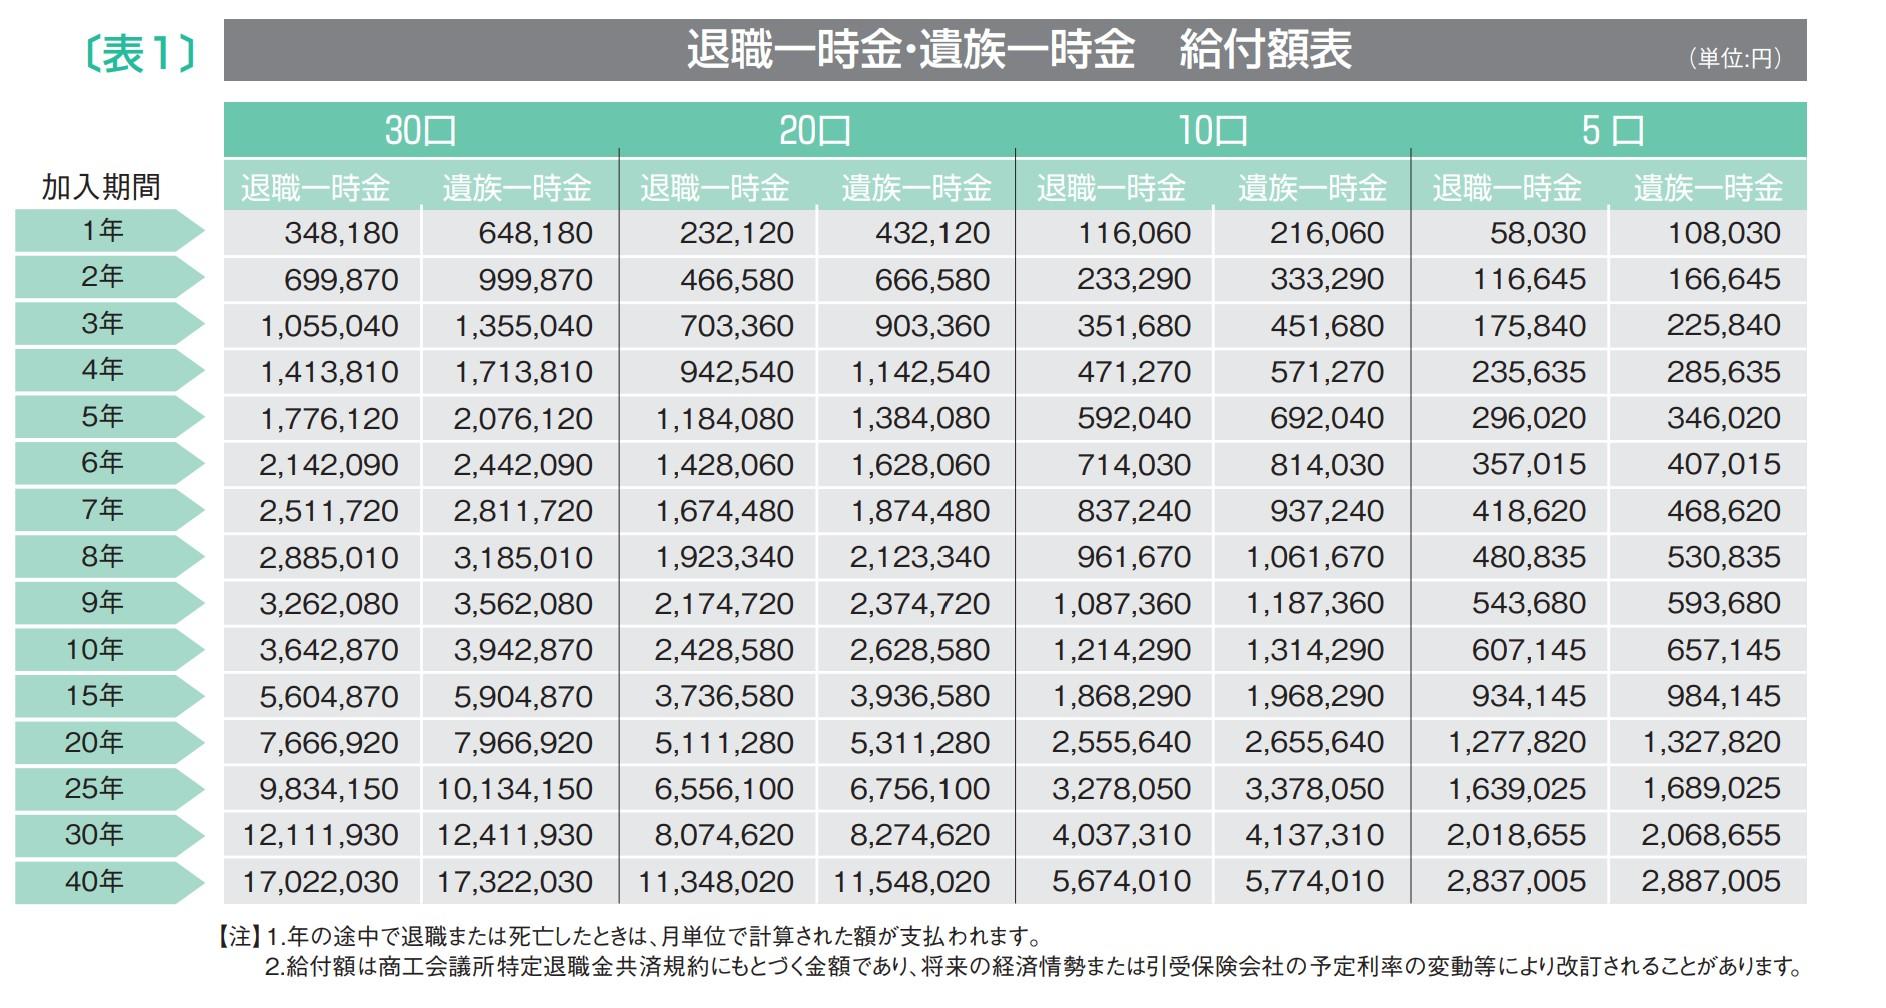 退職金試算表